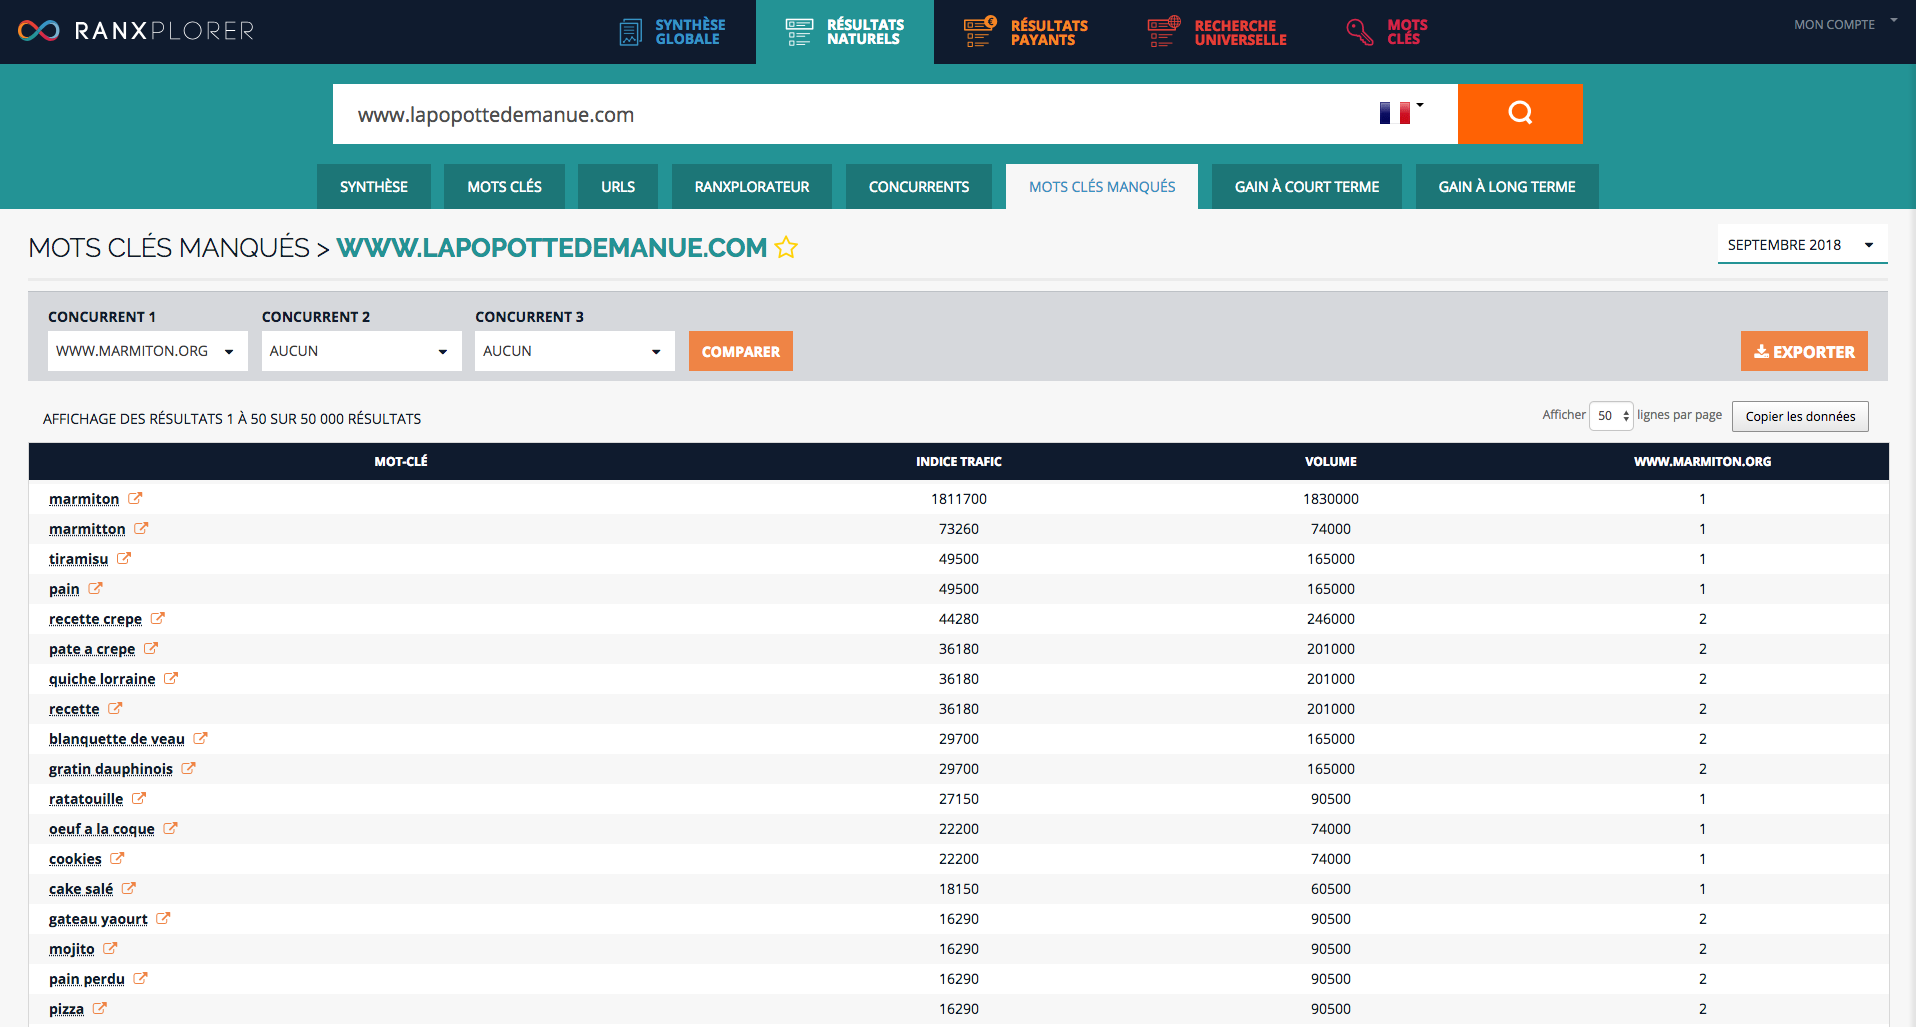 analyse de la performance d'un site web avec Ranxplorer